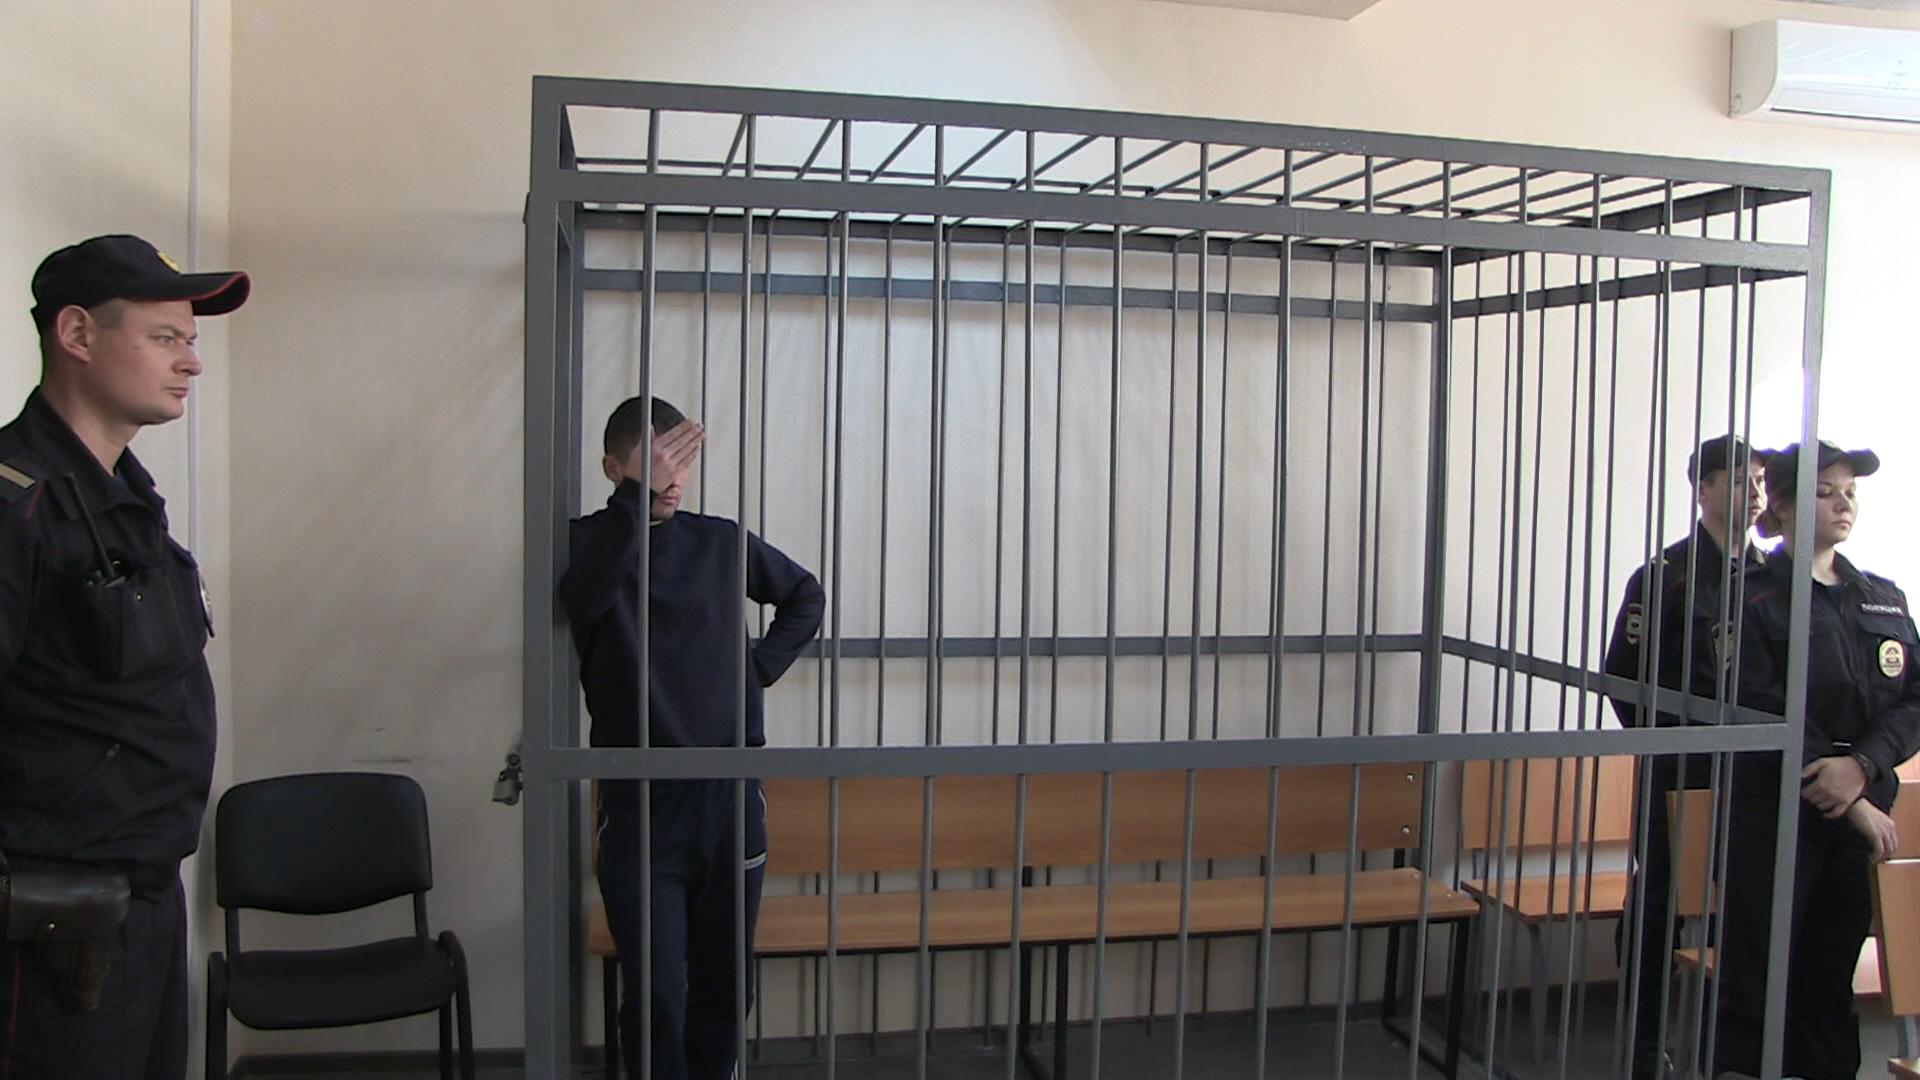 Украли велосипеды, аккумуляторы и мороженое: в Екатеринбурге осудили преступную группу